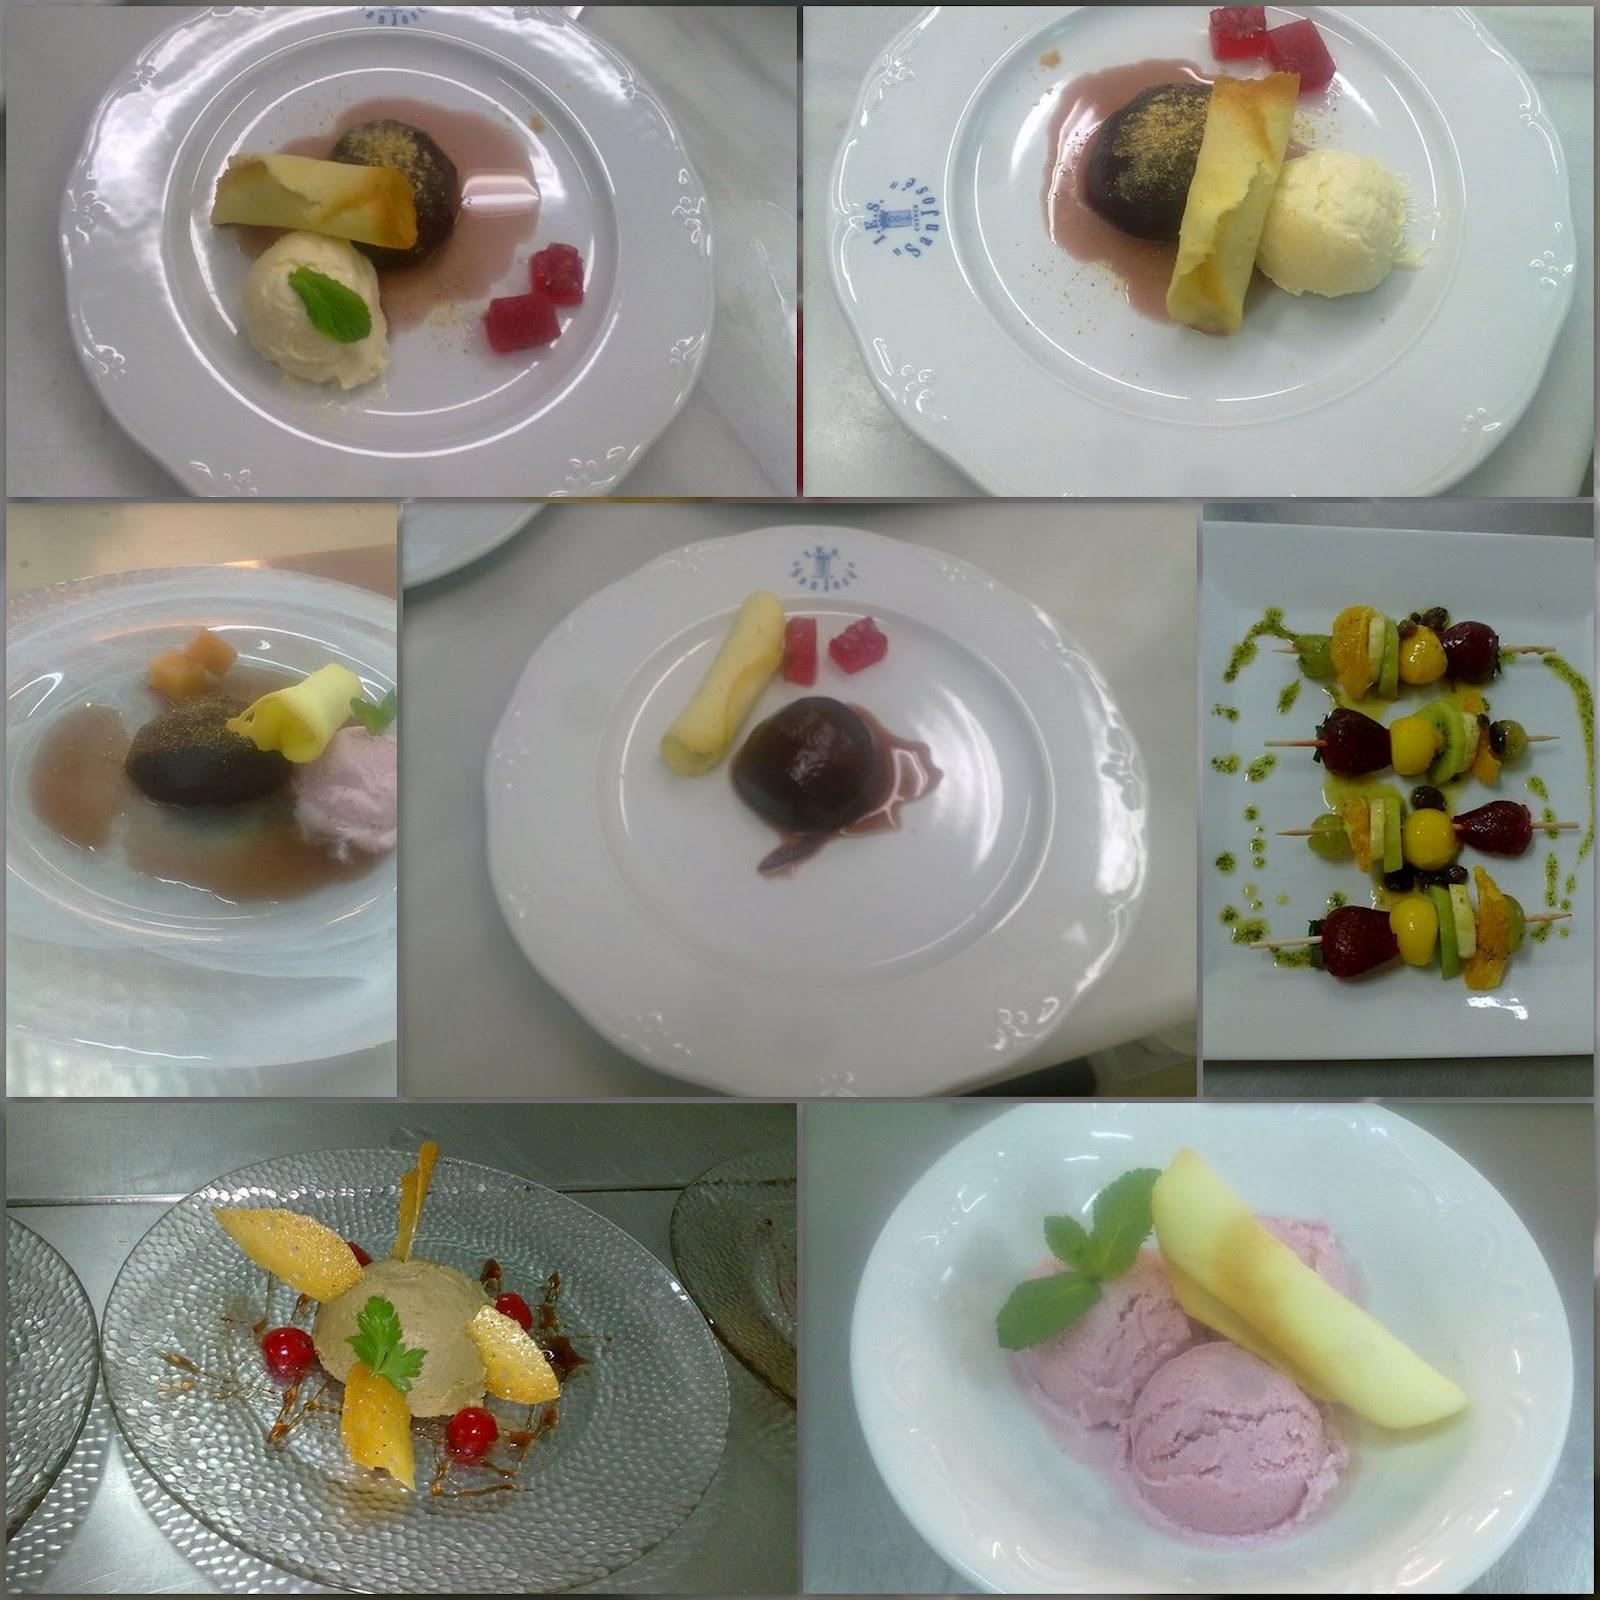 Entre fogones y micros ideas de decoraci n de helados y fruta - Decoracion de helados ...